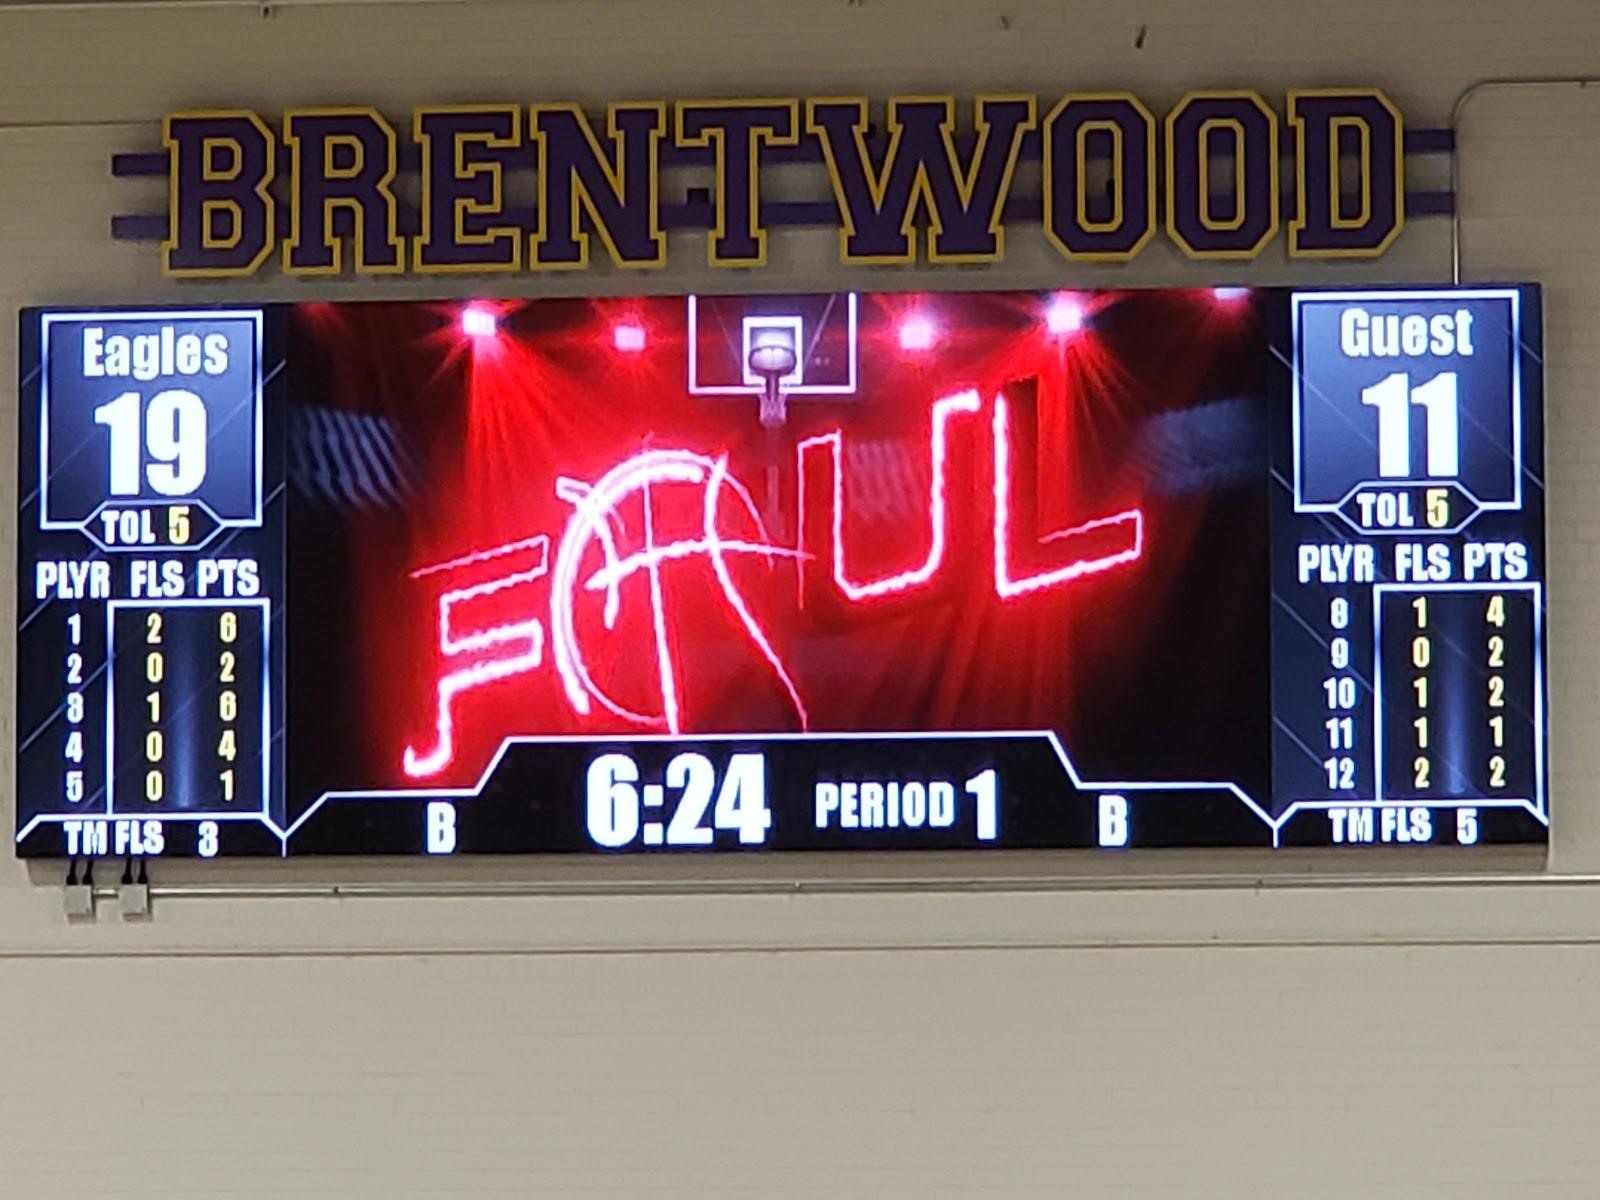 BHS Scoreboard